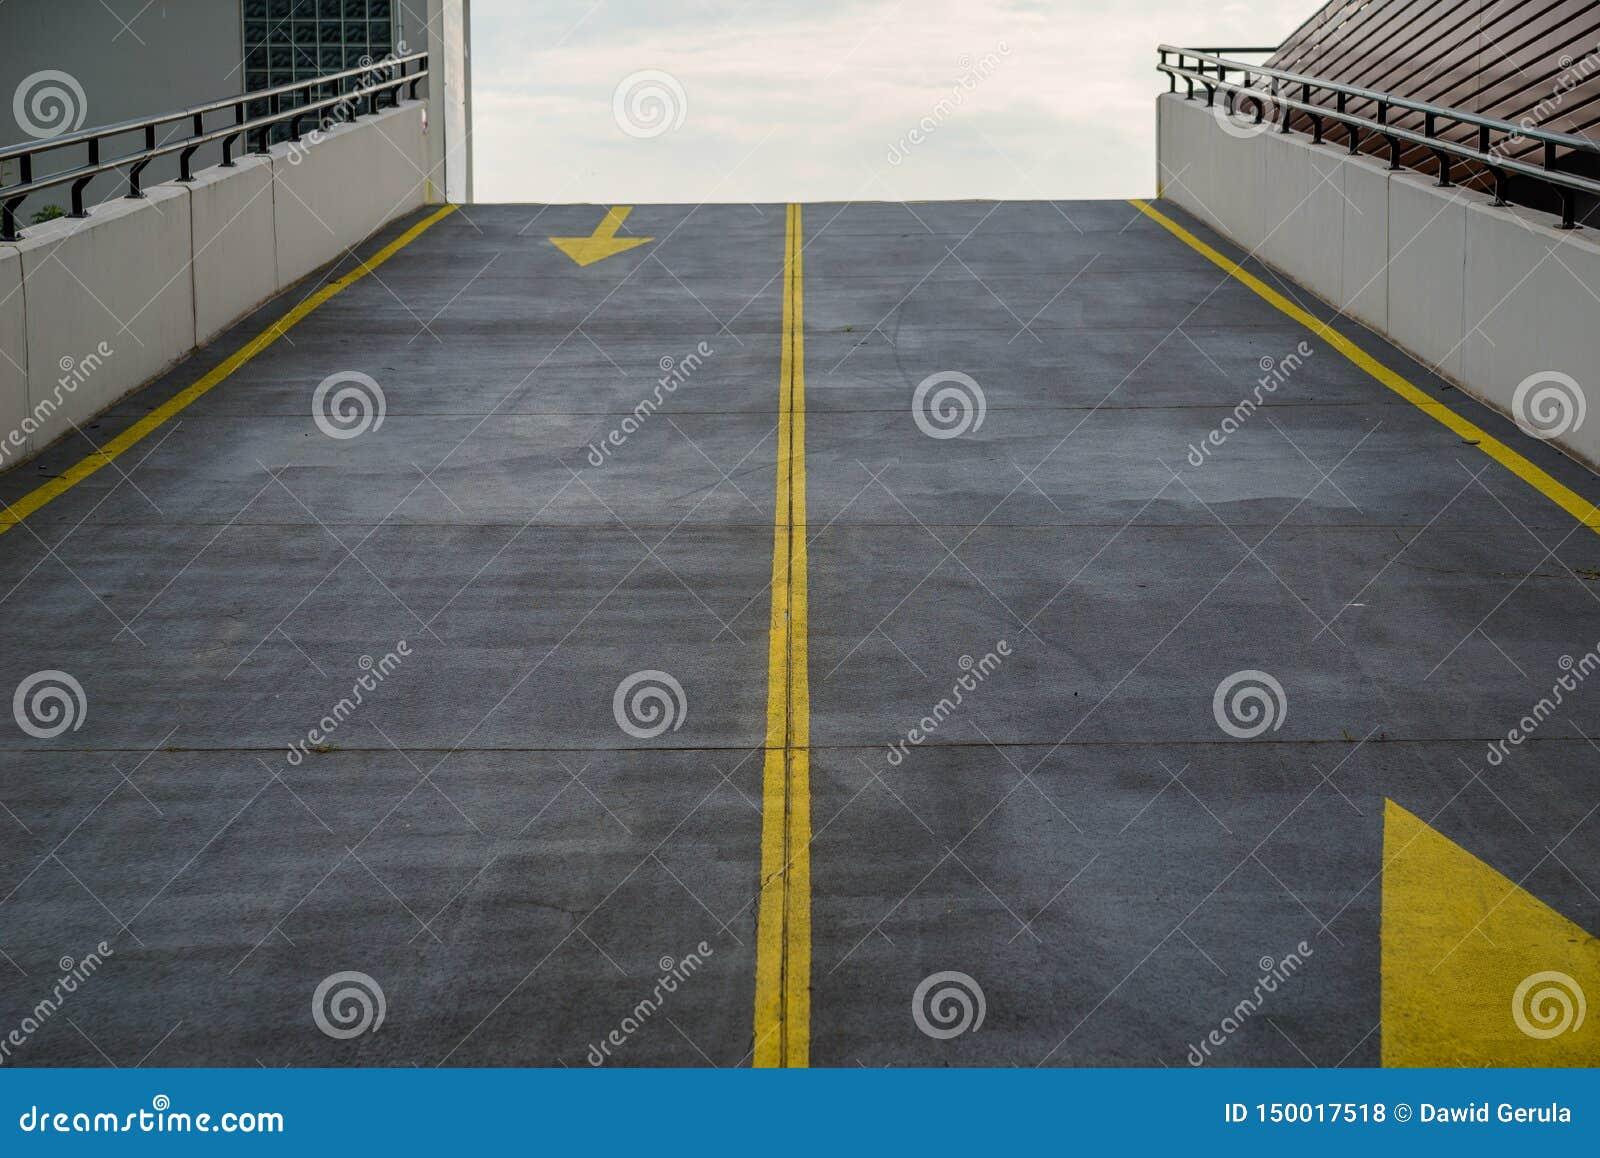 Asfaltowa droga, podjazd kondygnacja parking, garaż z grunge powierzchni teksturą i kontrastujący żółty kolor ruch drogowy,